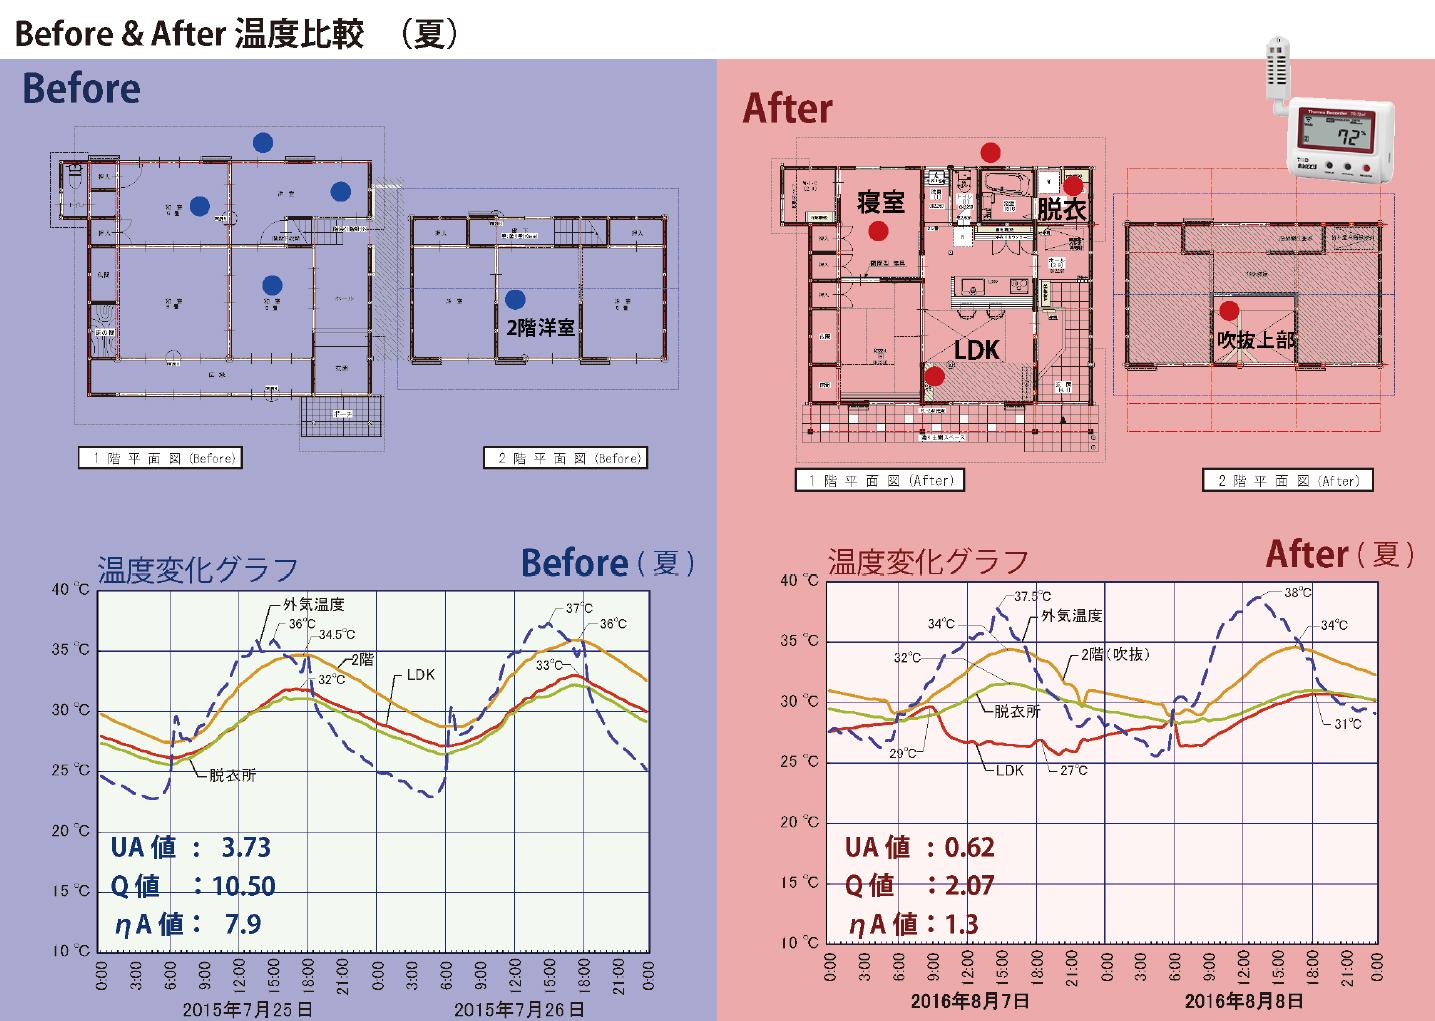 室温シミュレーション 夏